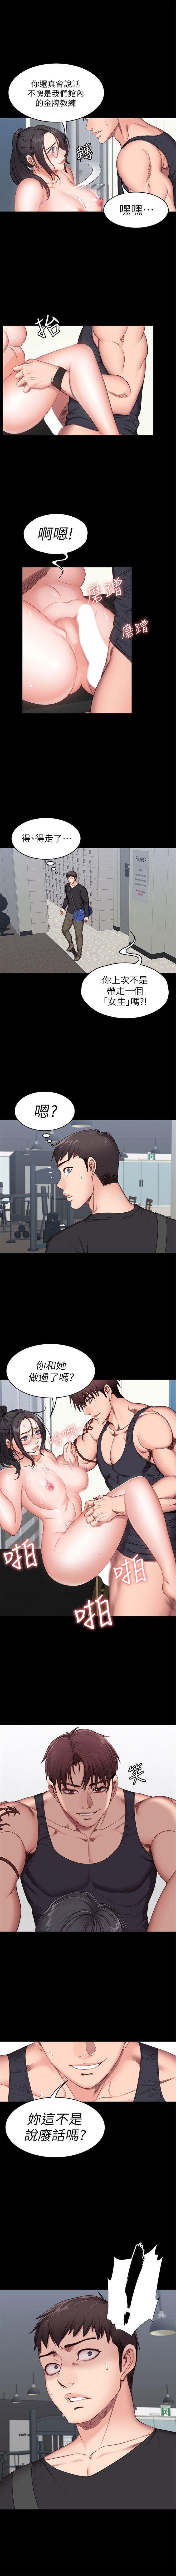 (周3)健身教练 1-29 中文翻译 (更新中) 30